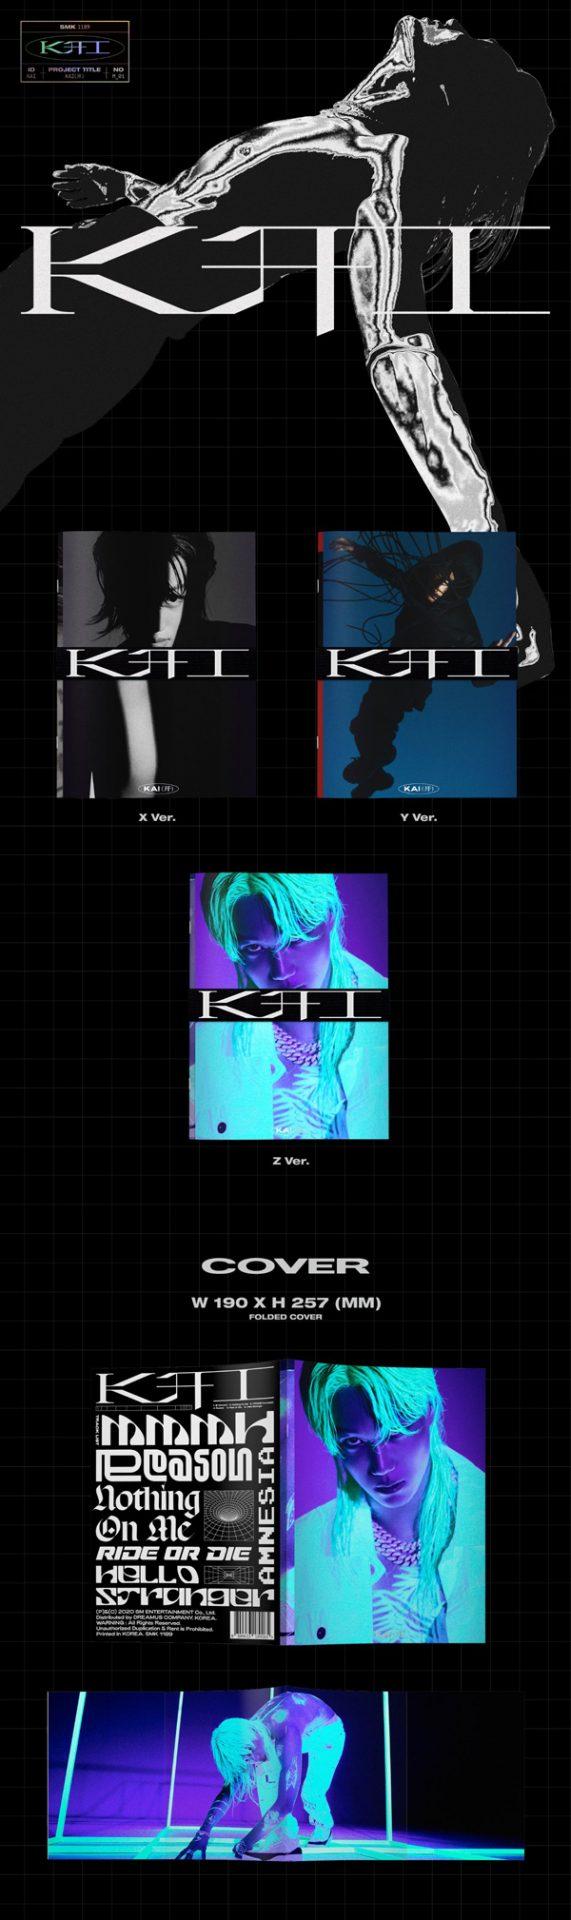 KAI 카이 The 1st Mini Album [KAI (开)] - Photobook Ver. ALBUM DETAILS-1